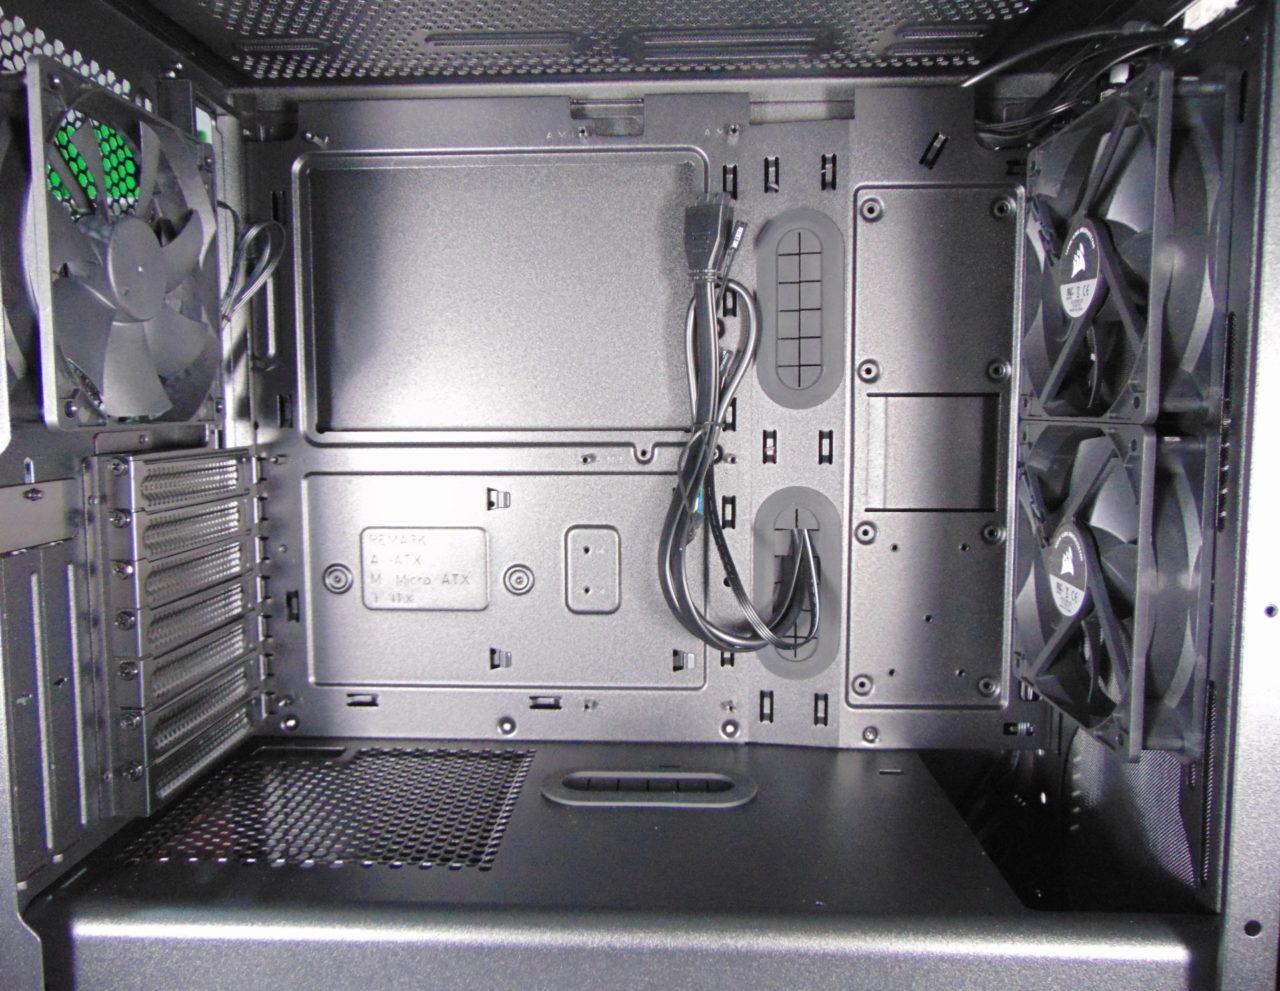 Corsair 275R Airflow